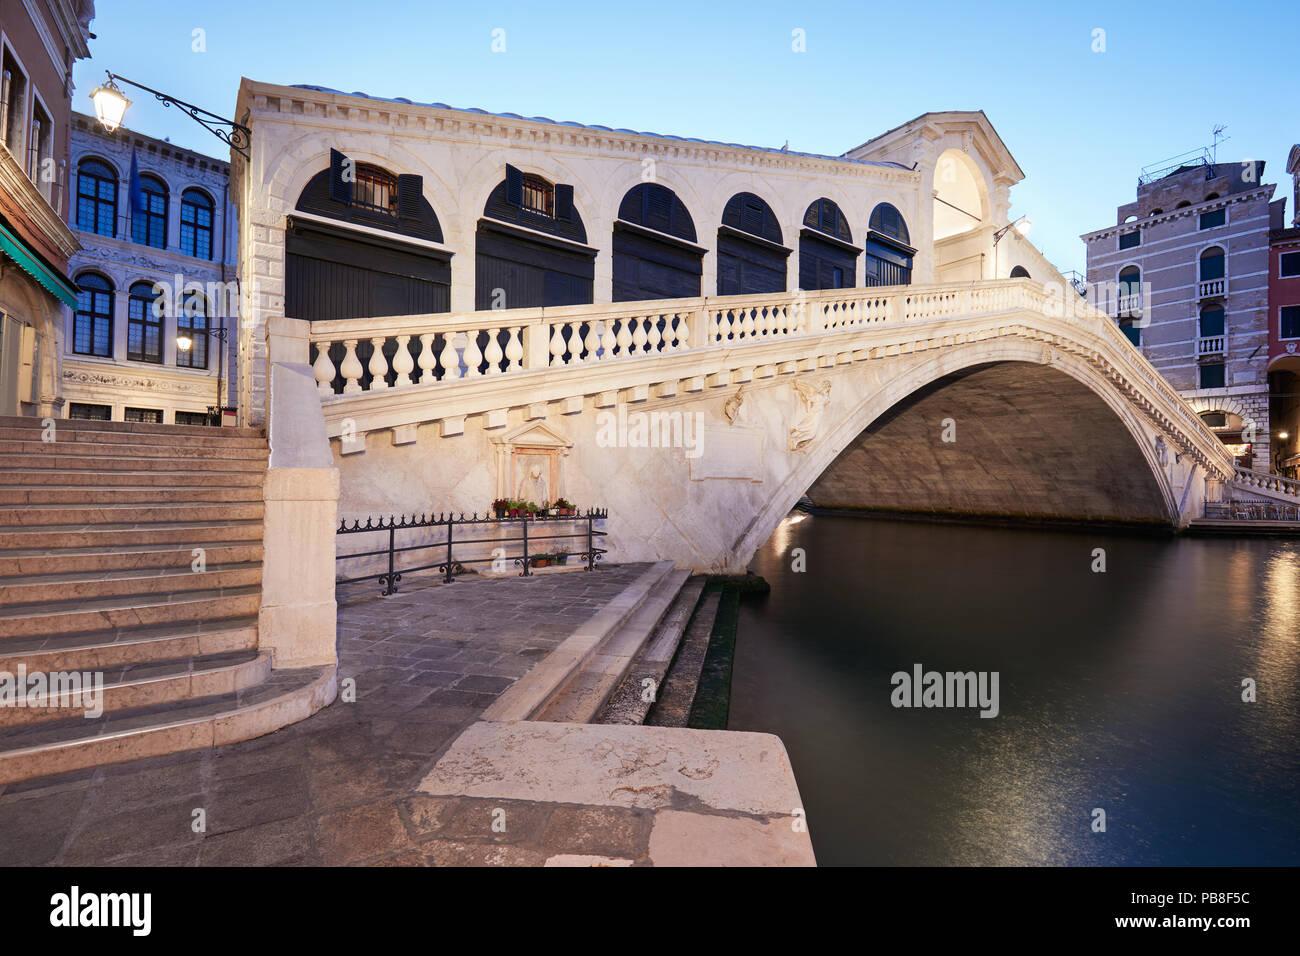 Il Canal Grande e il ponte di Rialto in mattinata, nessuno a Venezia, Italia Immagini Stock